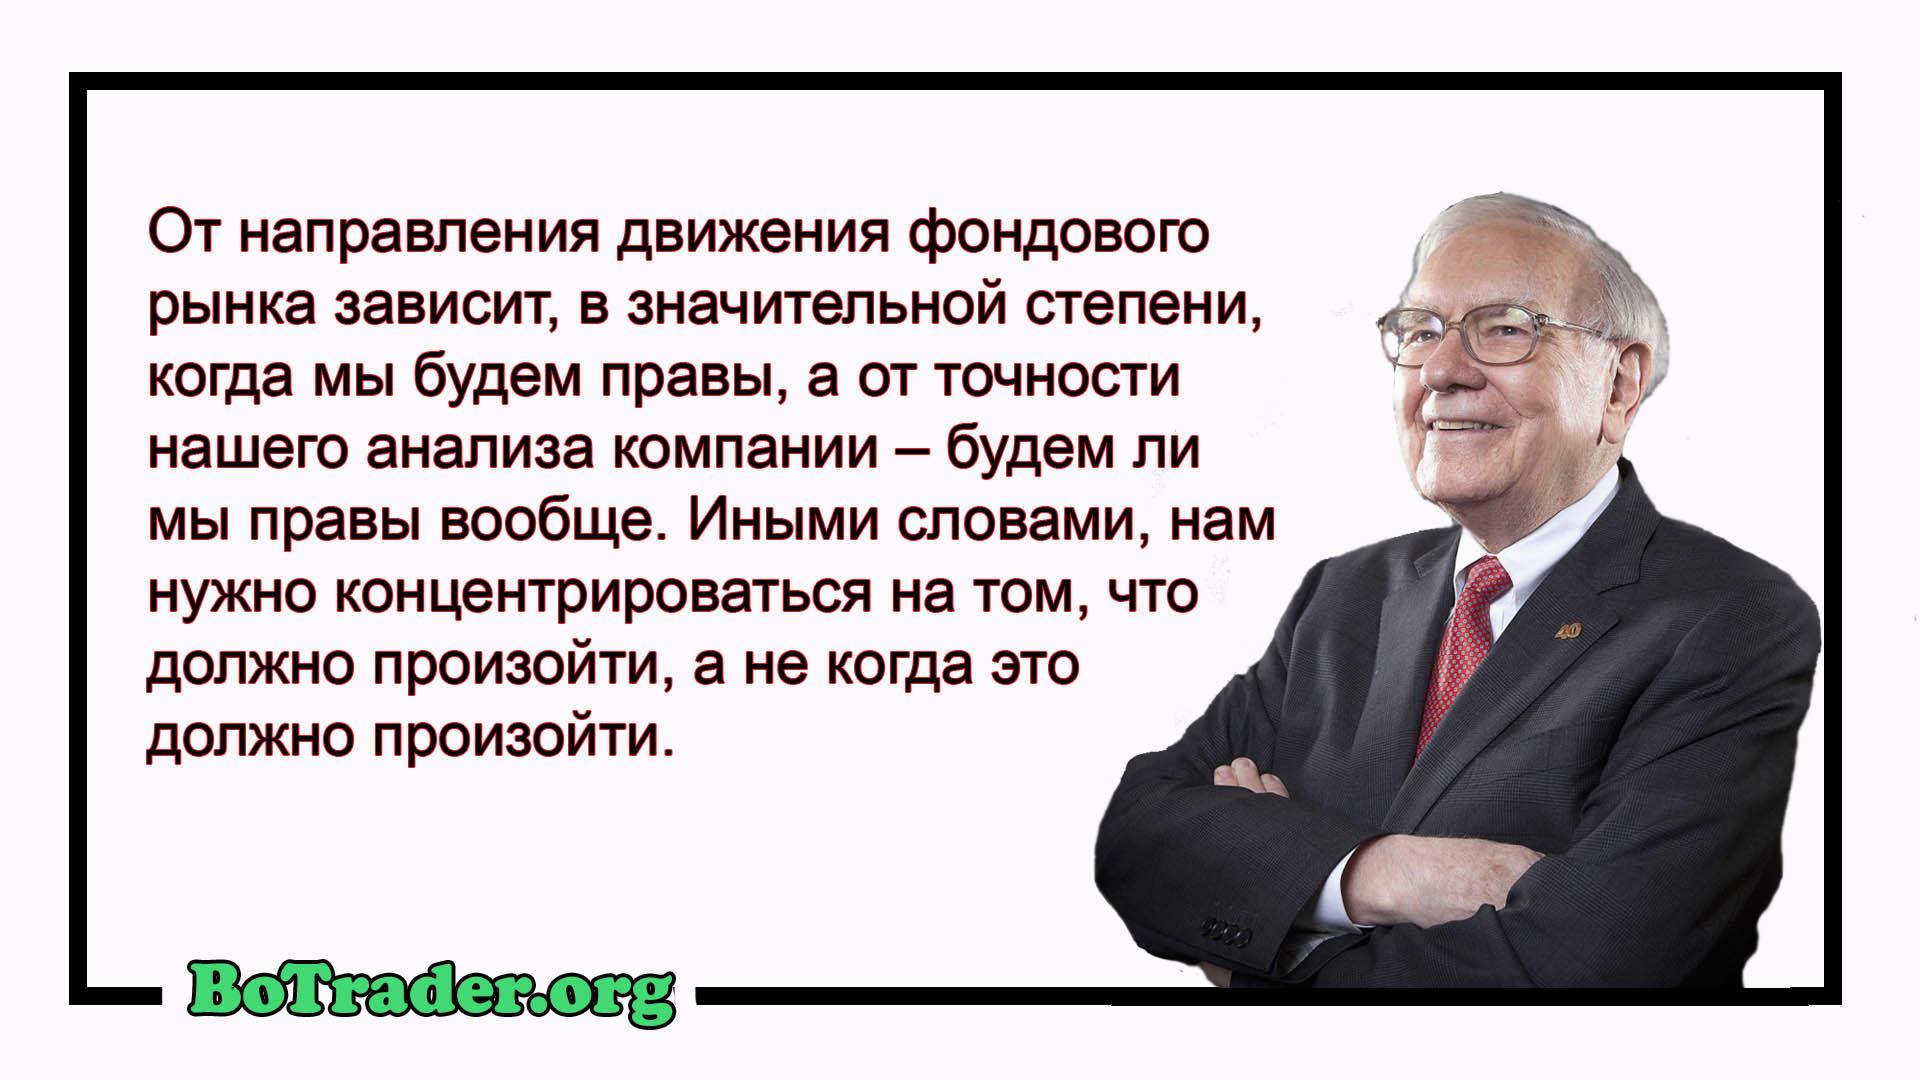 Цитата 5 Правила инвестирования Уоррена Баффетта Джереми Миллер